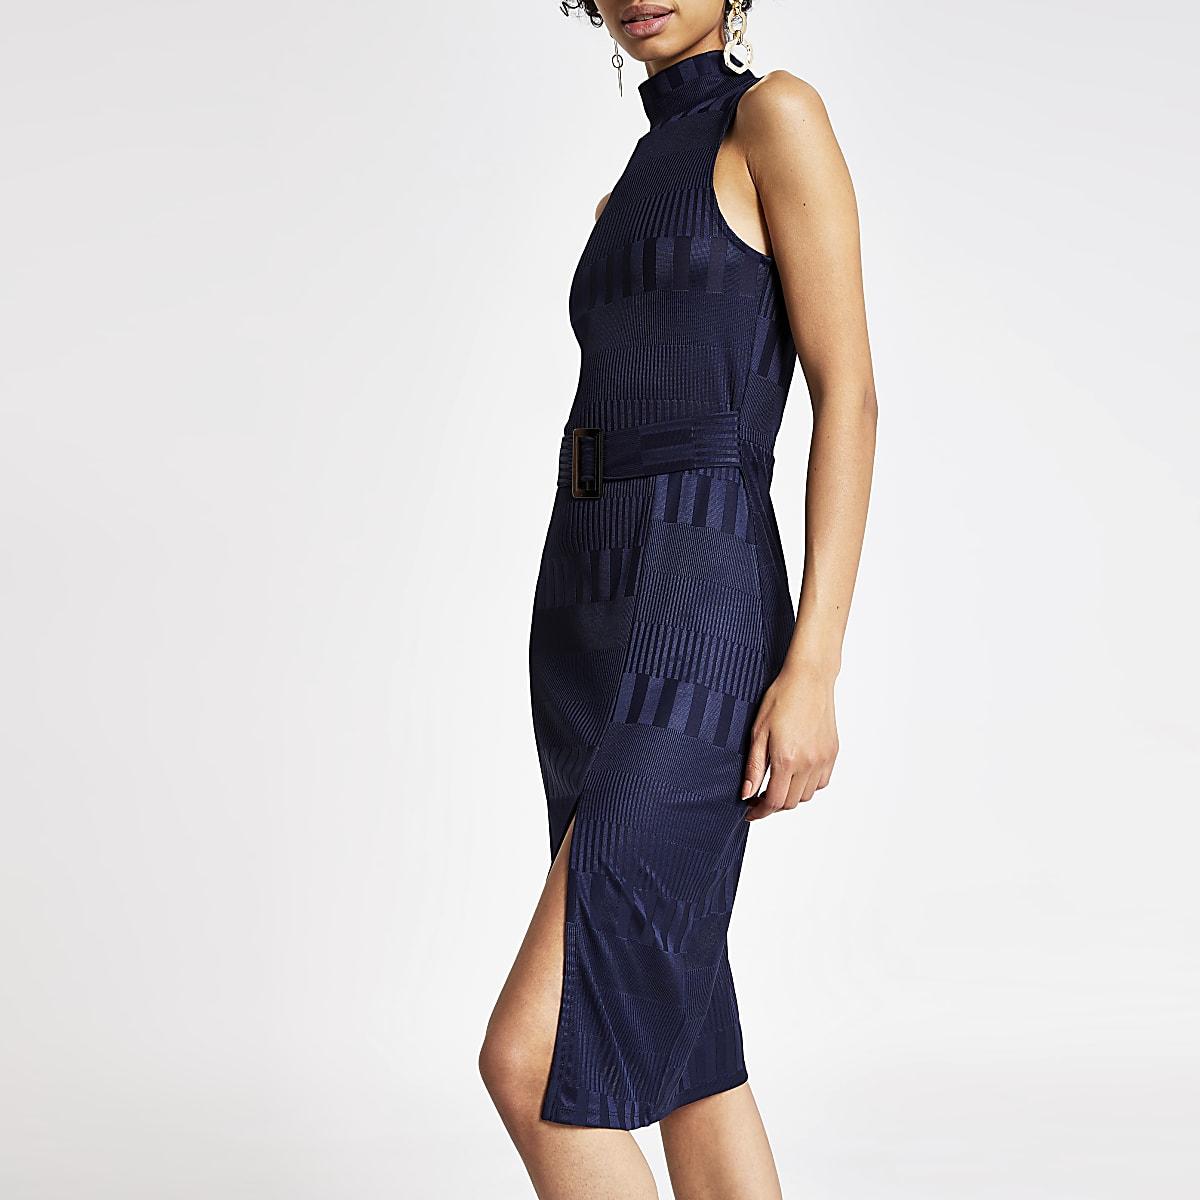 Blue high neck belted dress